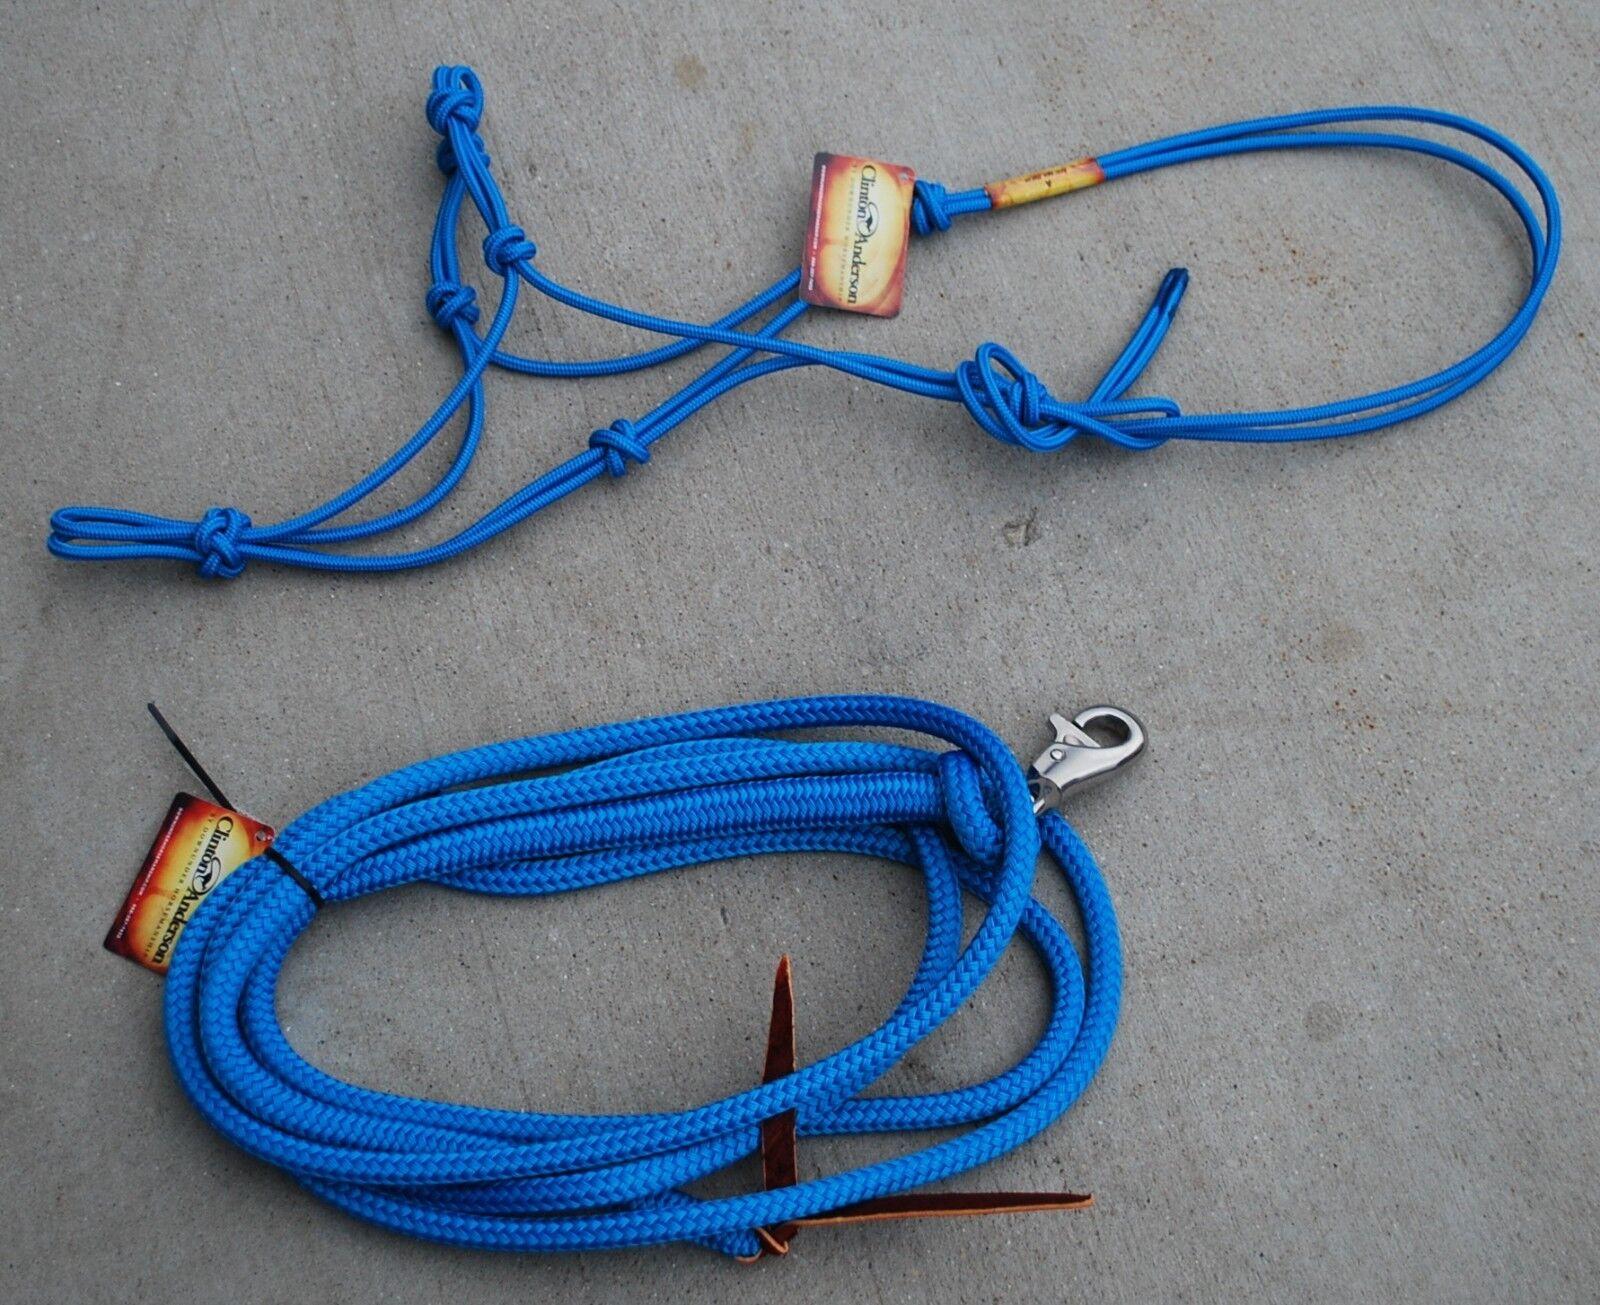 Clinton Anderson Azul Halter & Juego De Cuerda De Plomo  Nuevo